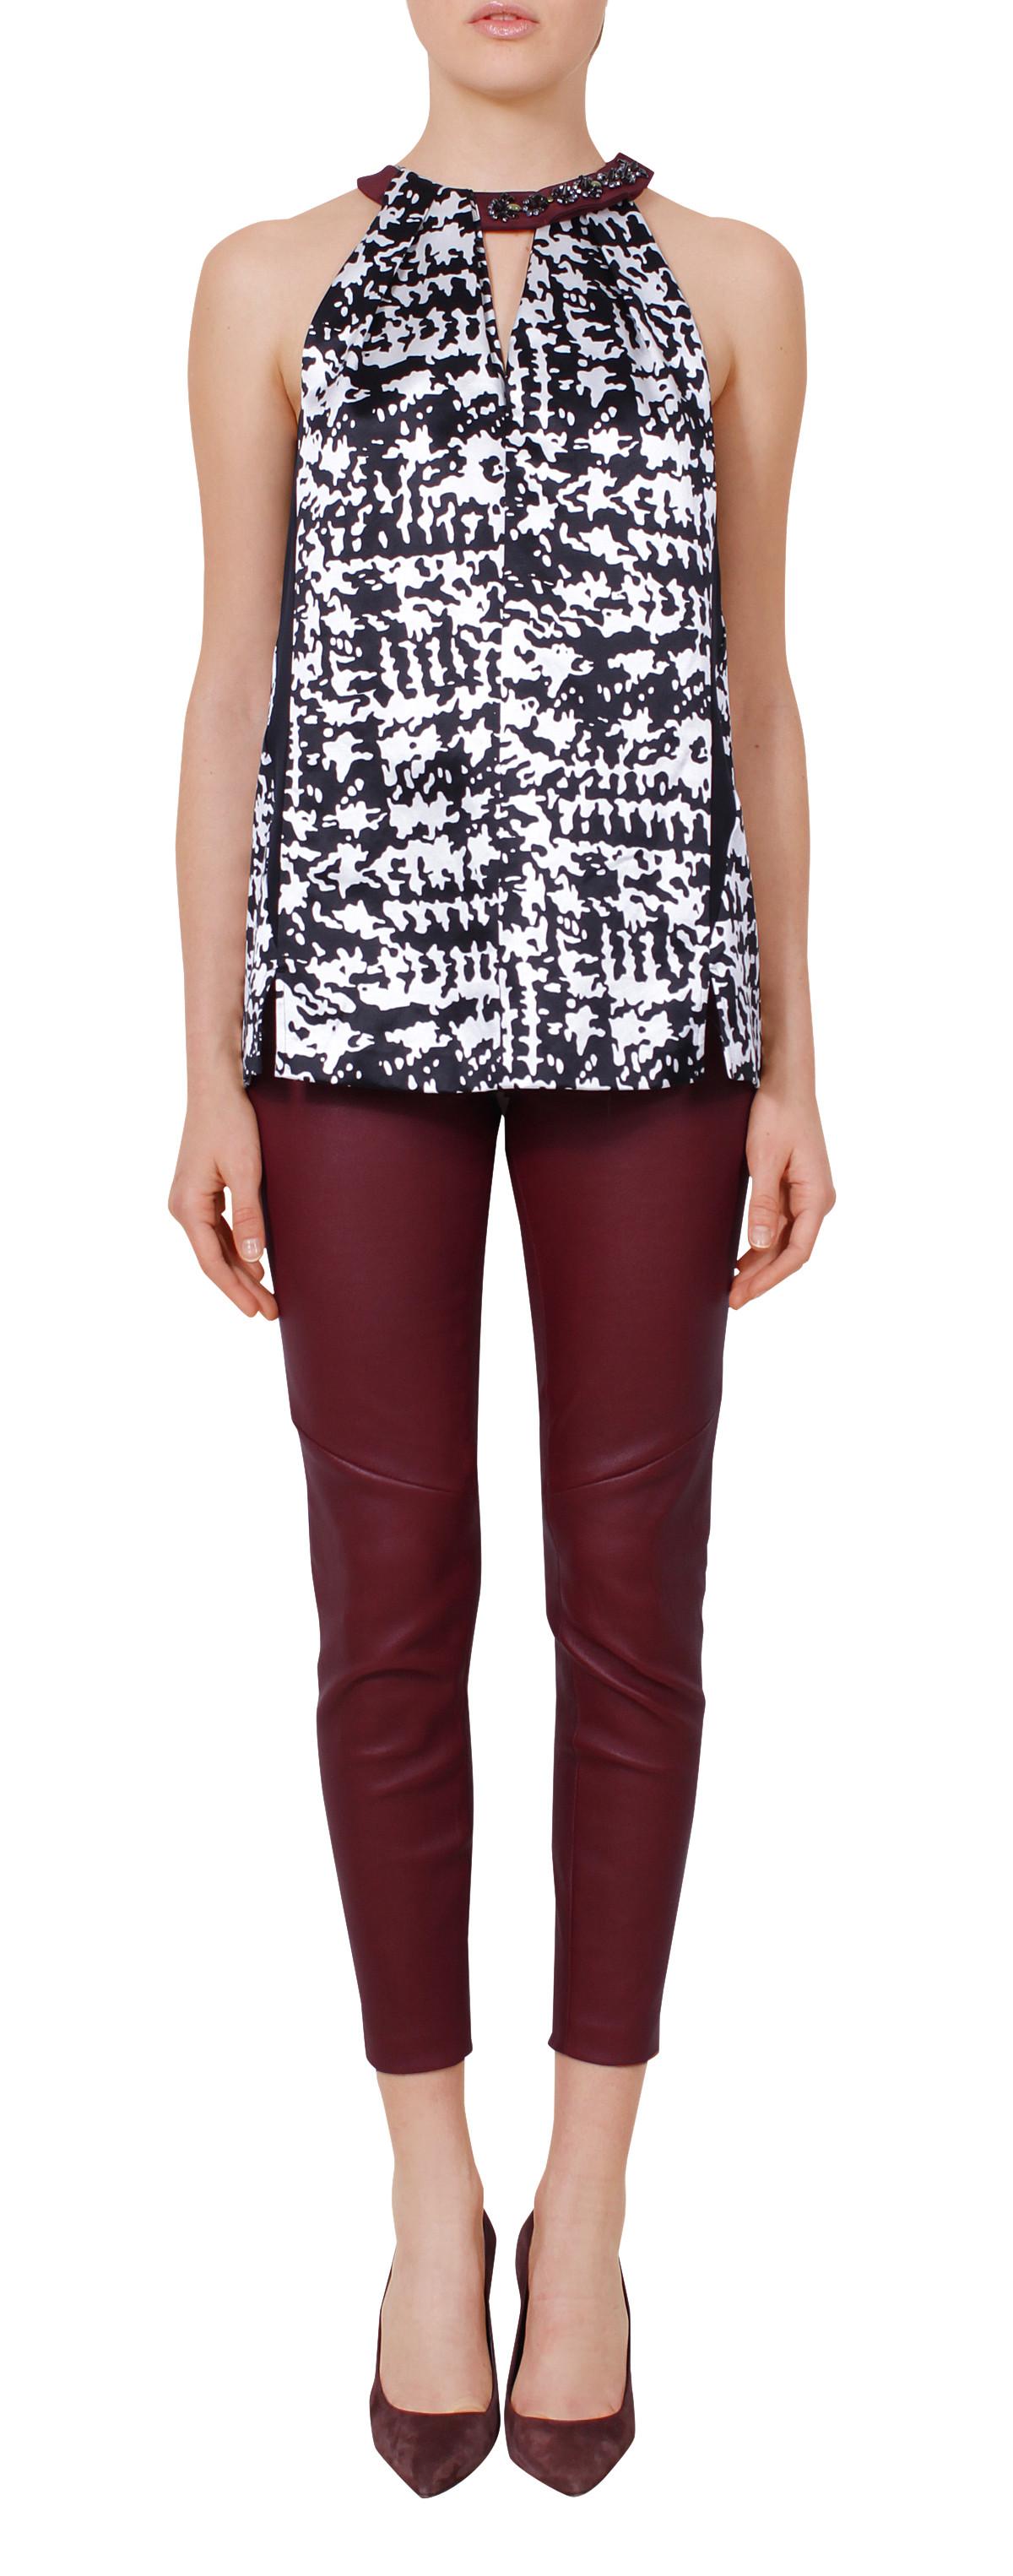 BEAUTY slimfit pants - Pants - Shop | SCHUMACHER - Onlineshop